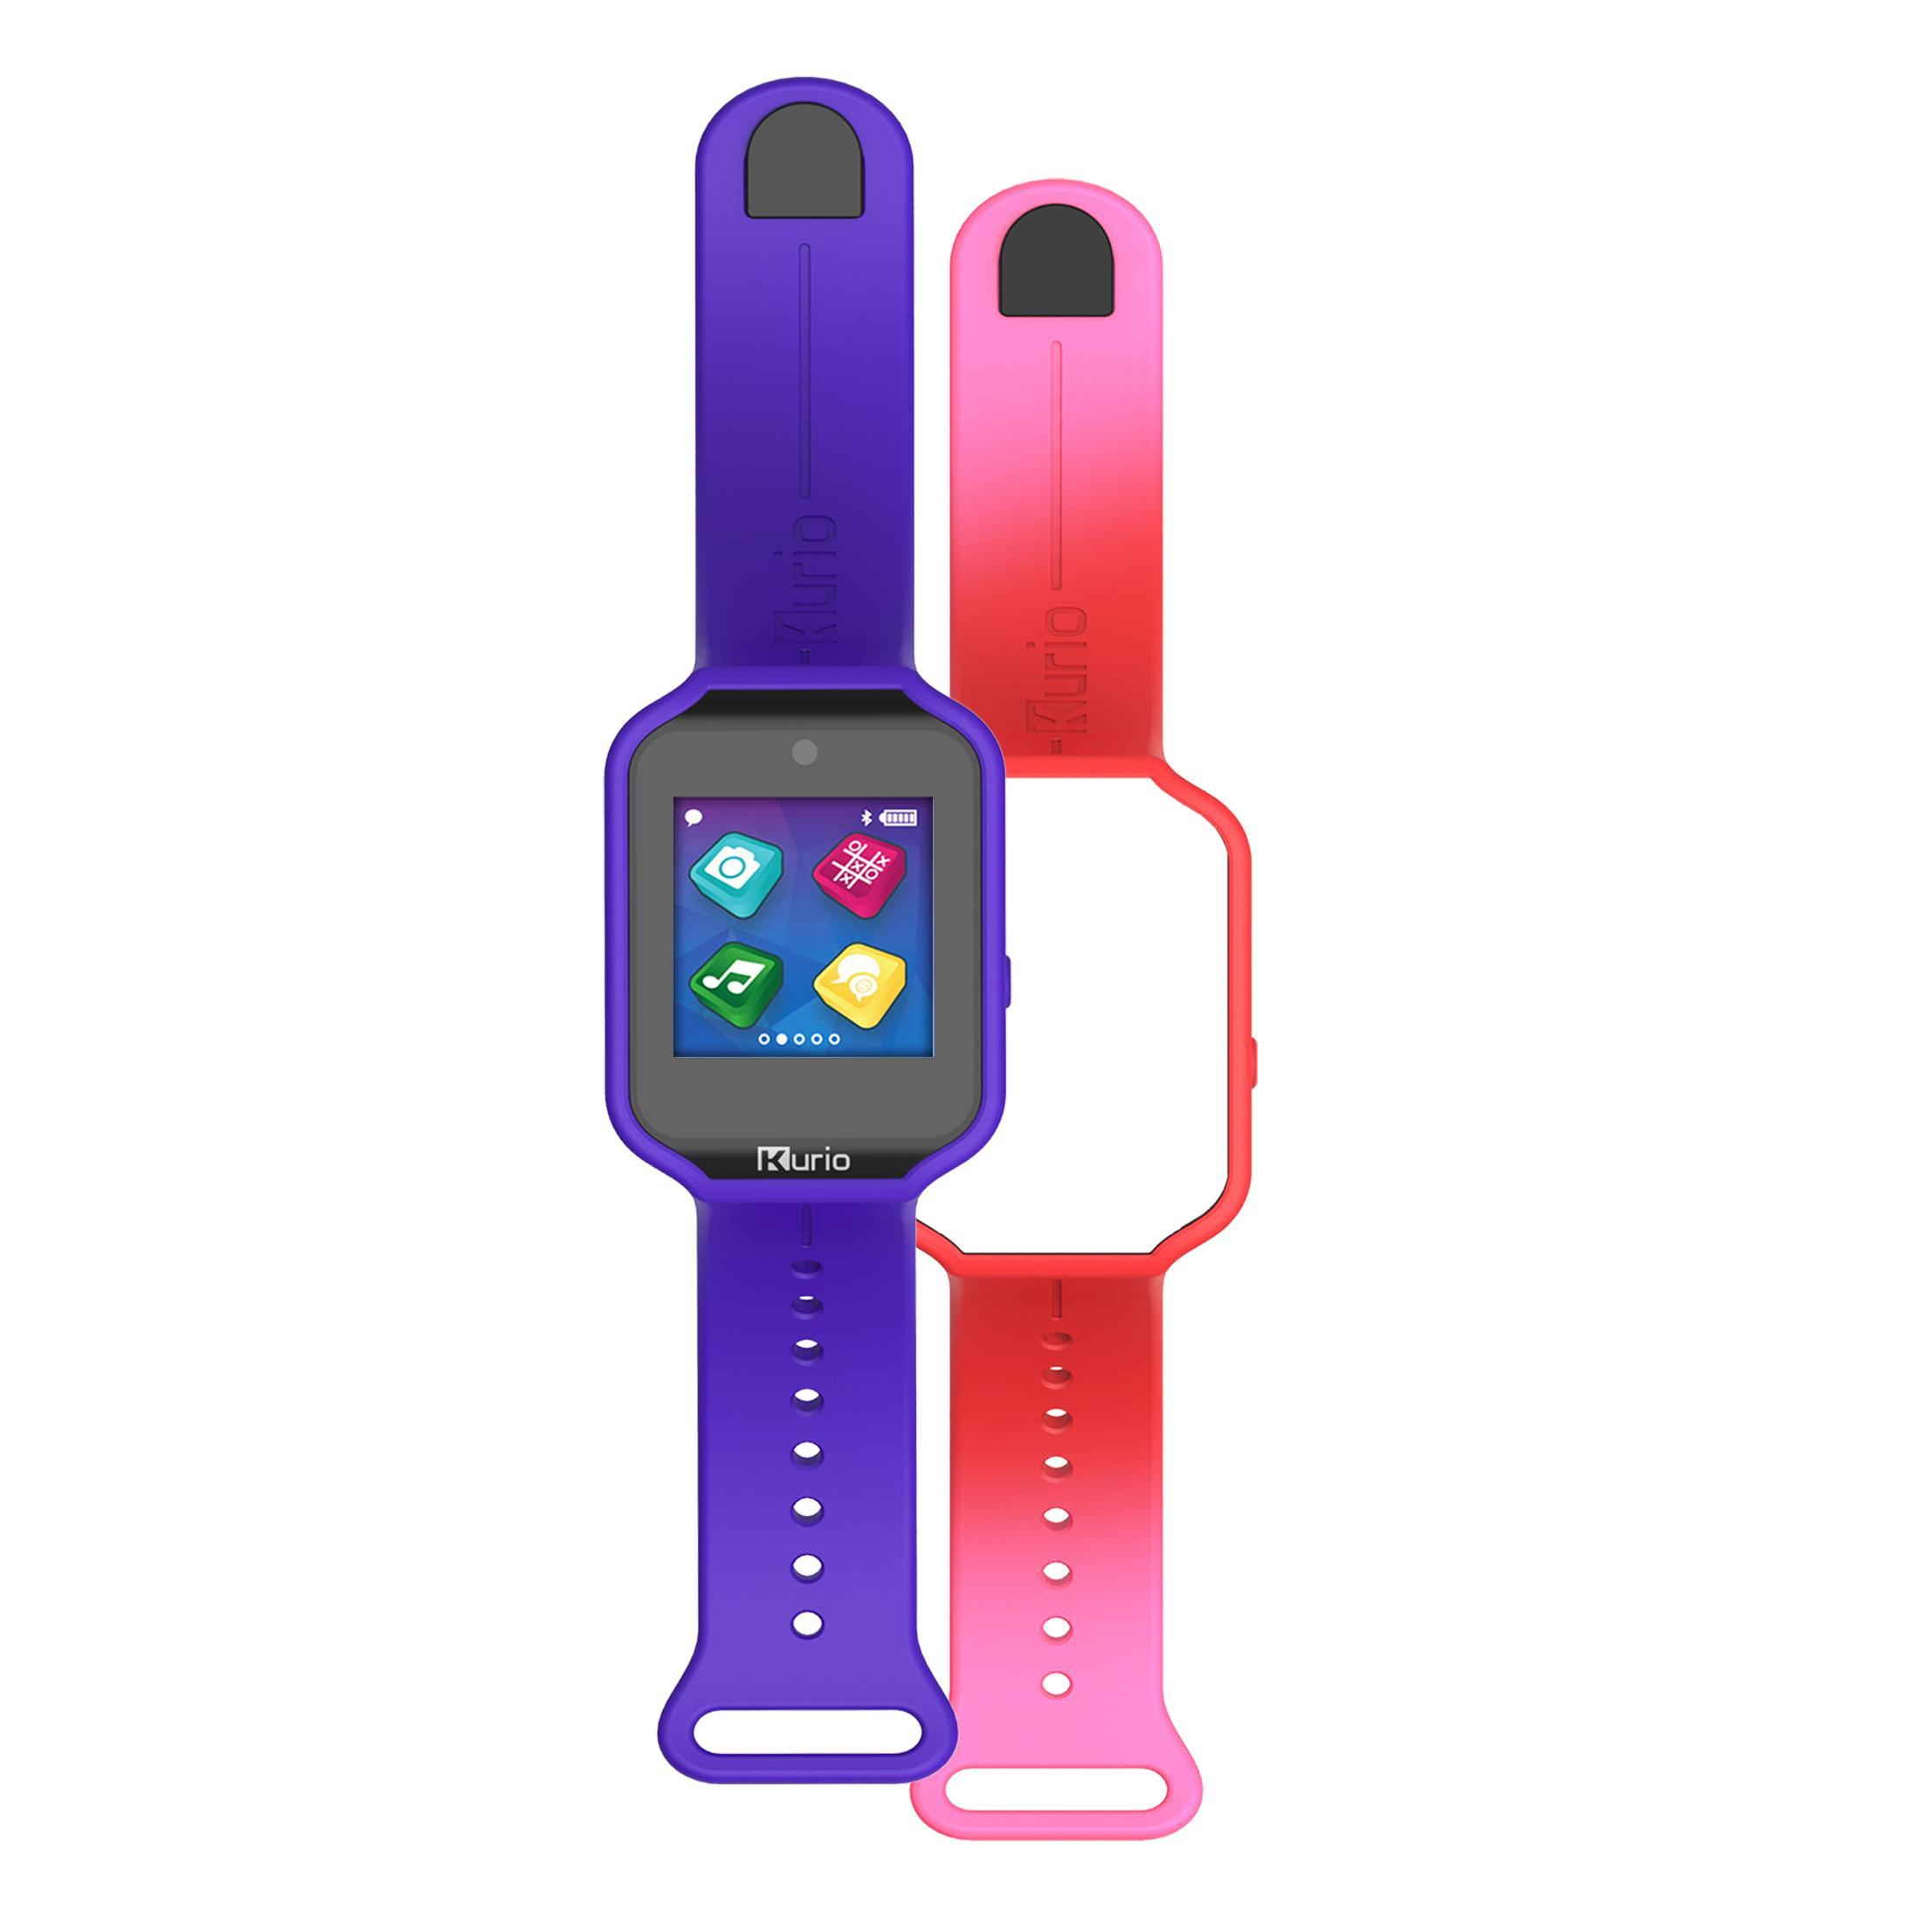 Amazoncom Kurio Watch 20 The Ultimate Smartwatch Built for 2212x2212